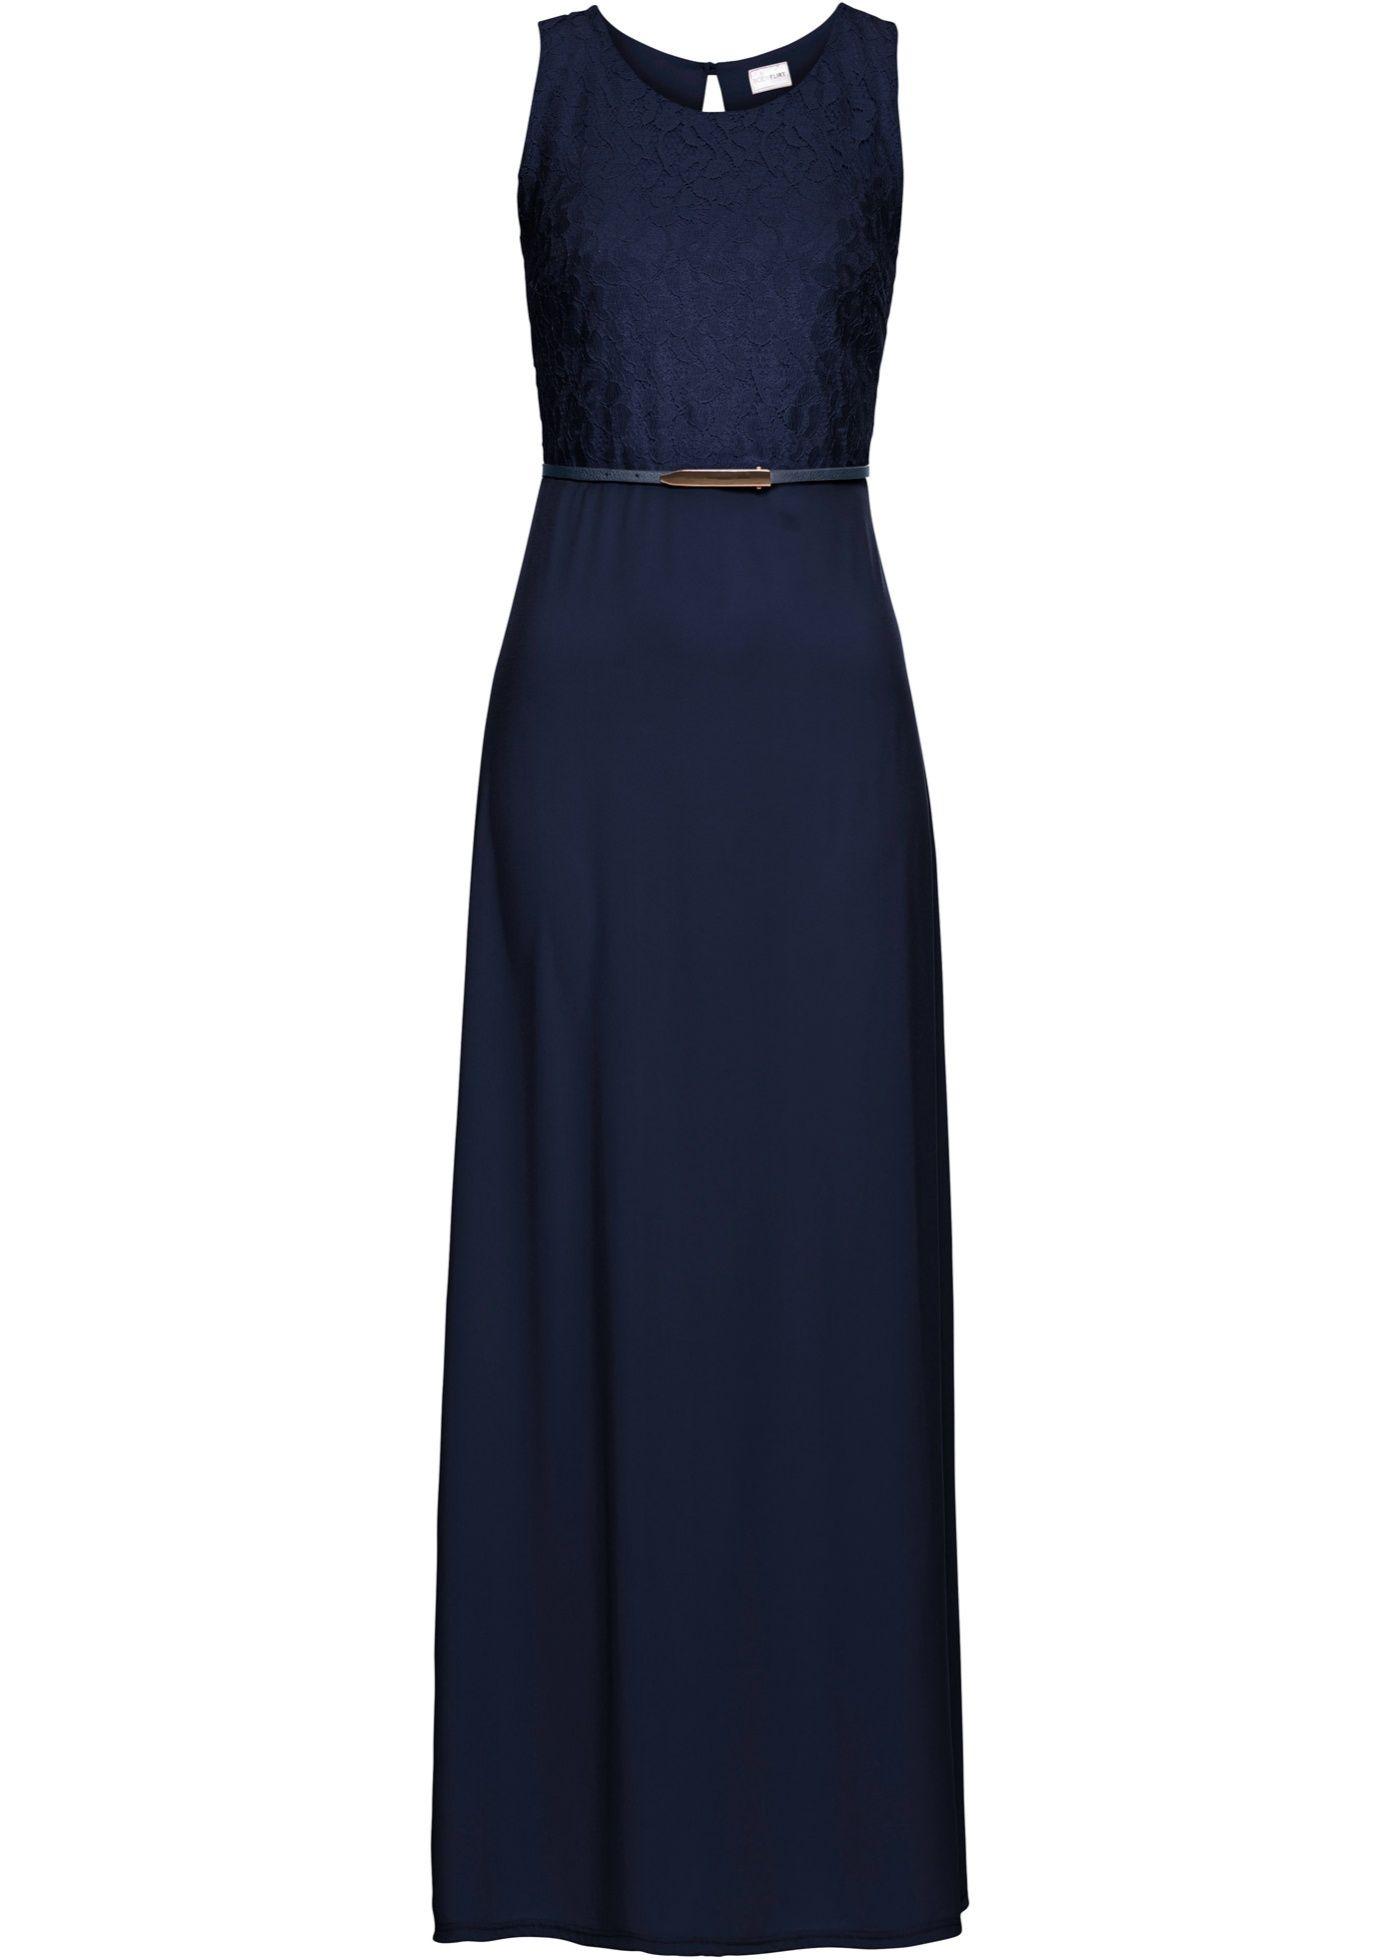 abendkleid mit gürtel dunkelblau jetzt im online shop von